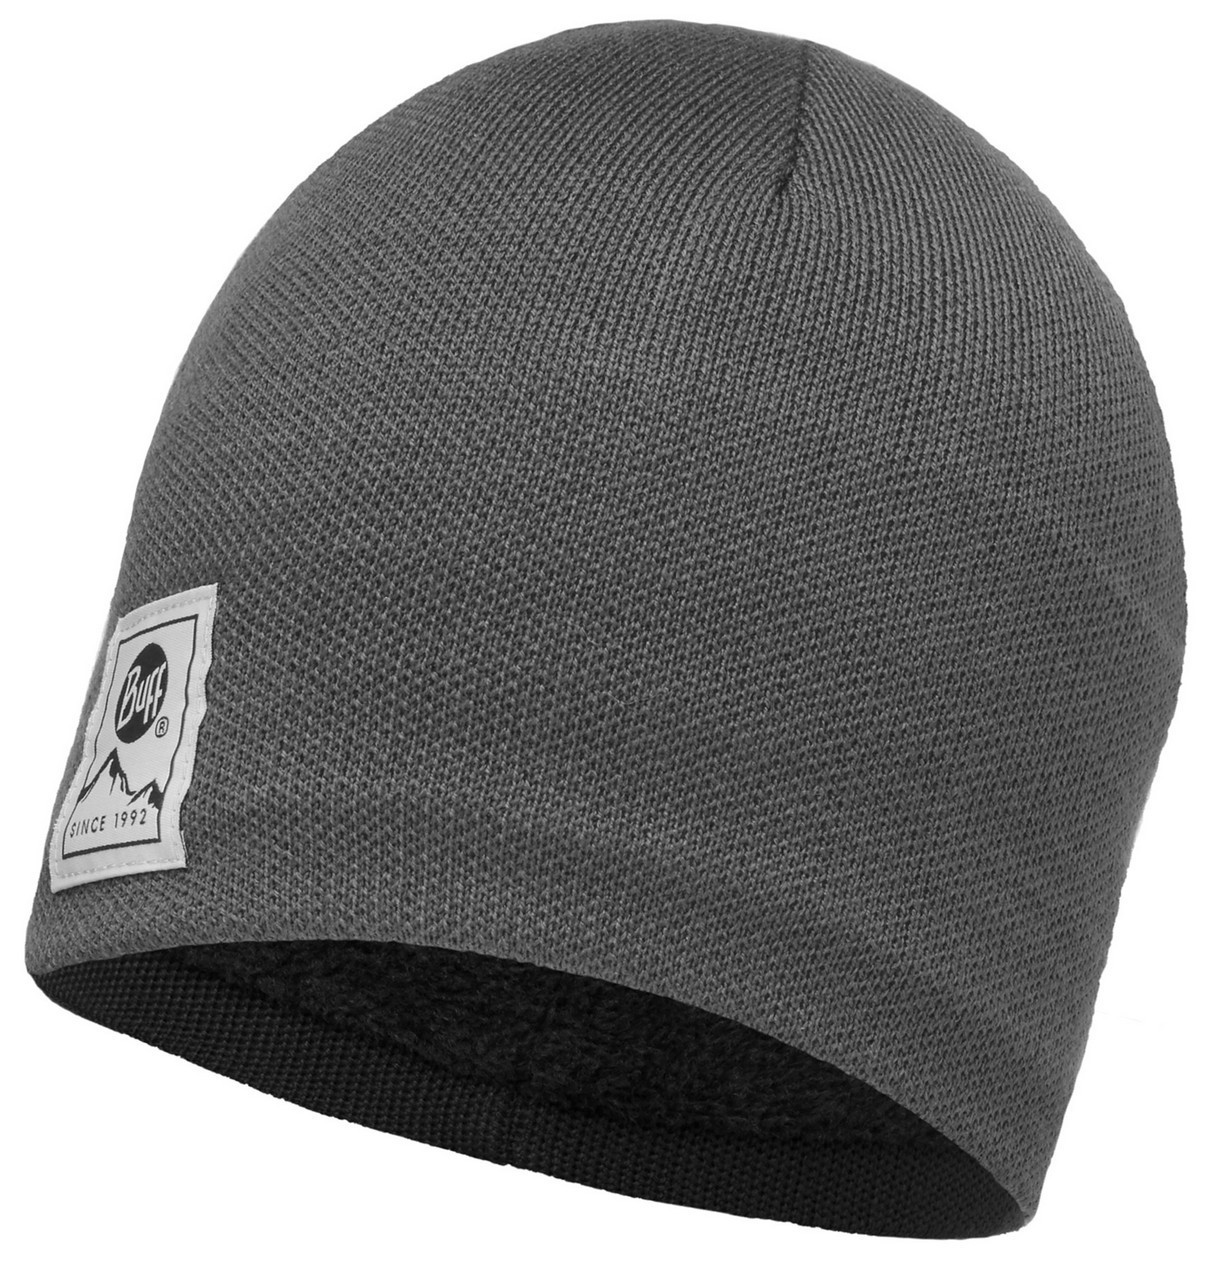 Шапки средней вязки Вязаная шапка с флисовой подкладкой Buff Solid Grey Castlerock 113519.929.10.00.jpg